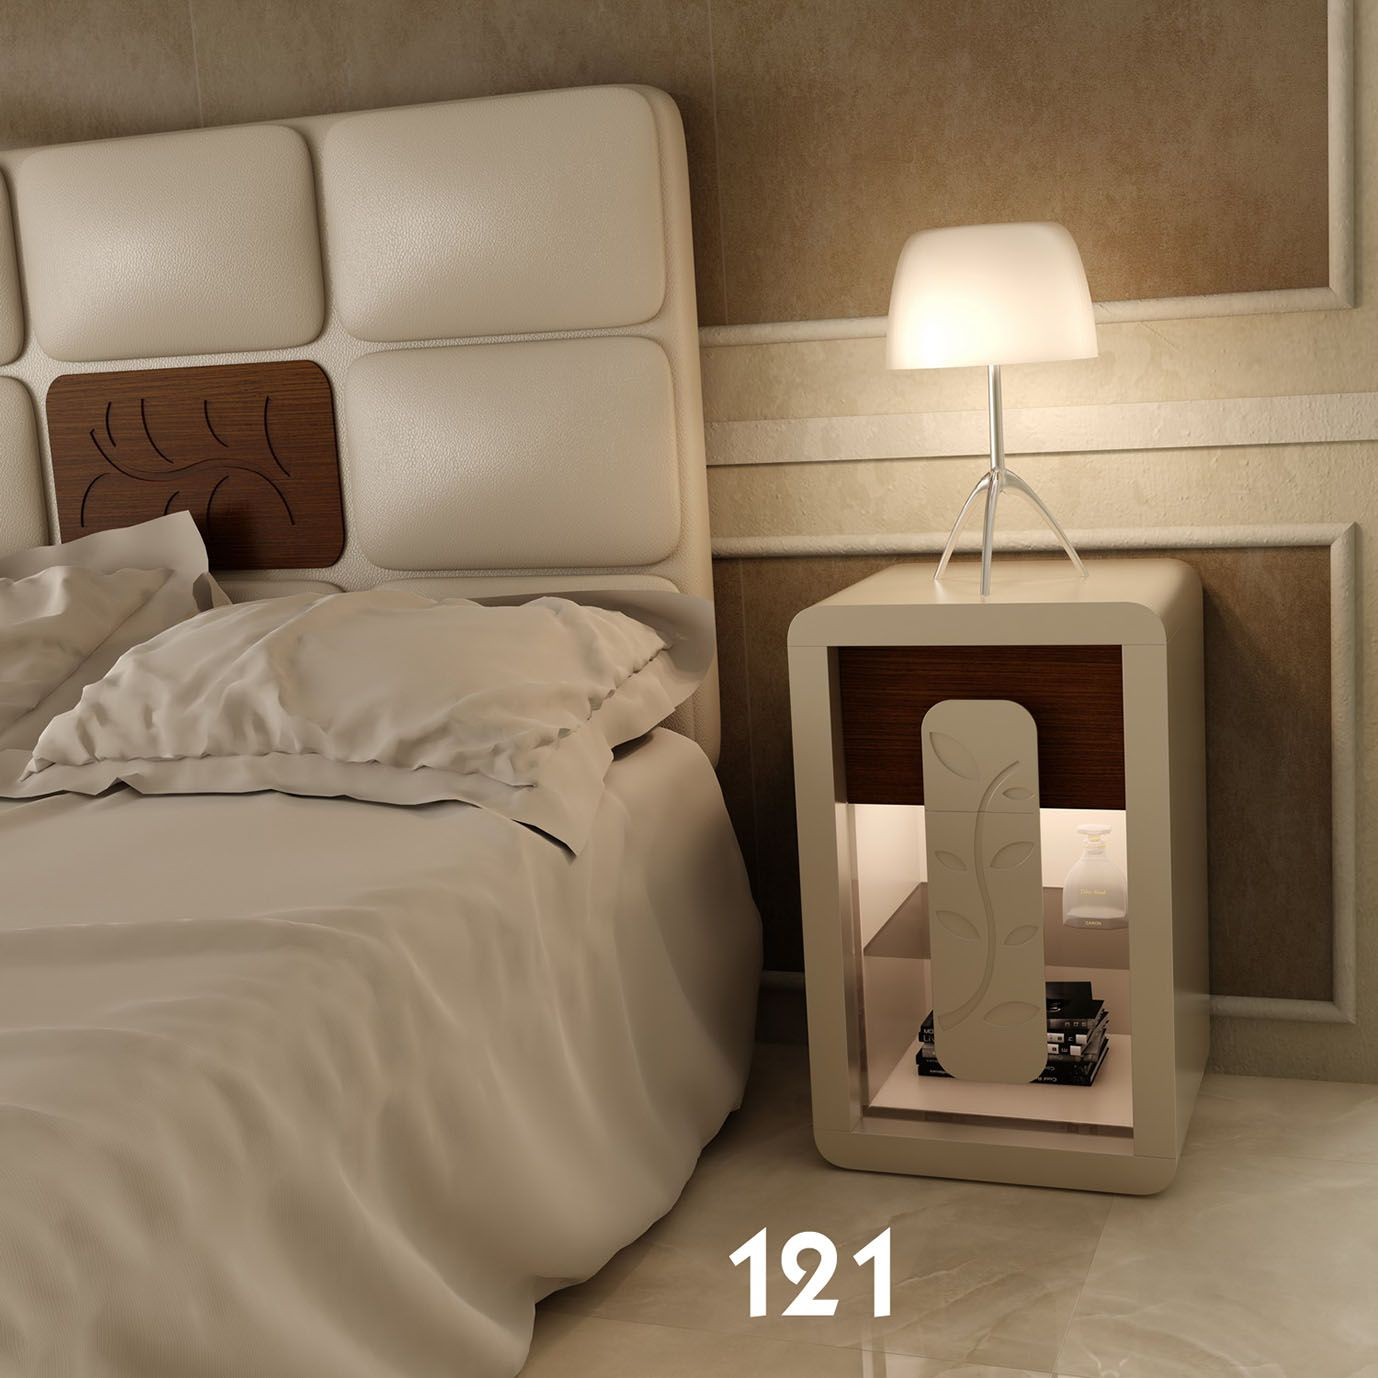 Cabeceros de cama | Muebles de Salón y Dormitorio. | respaldos ...